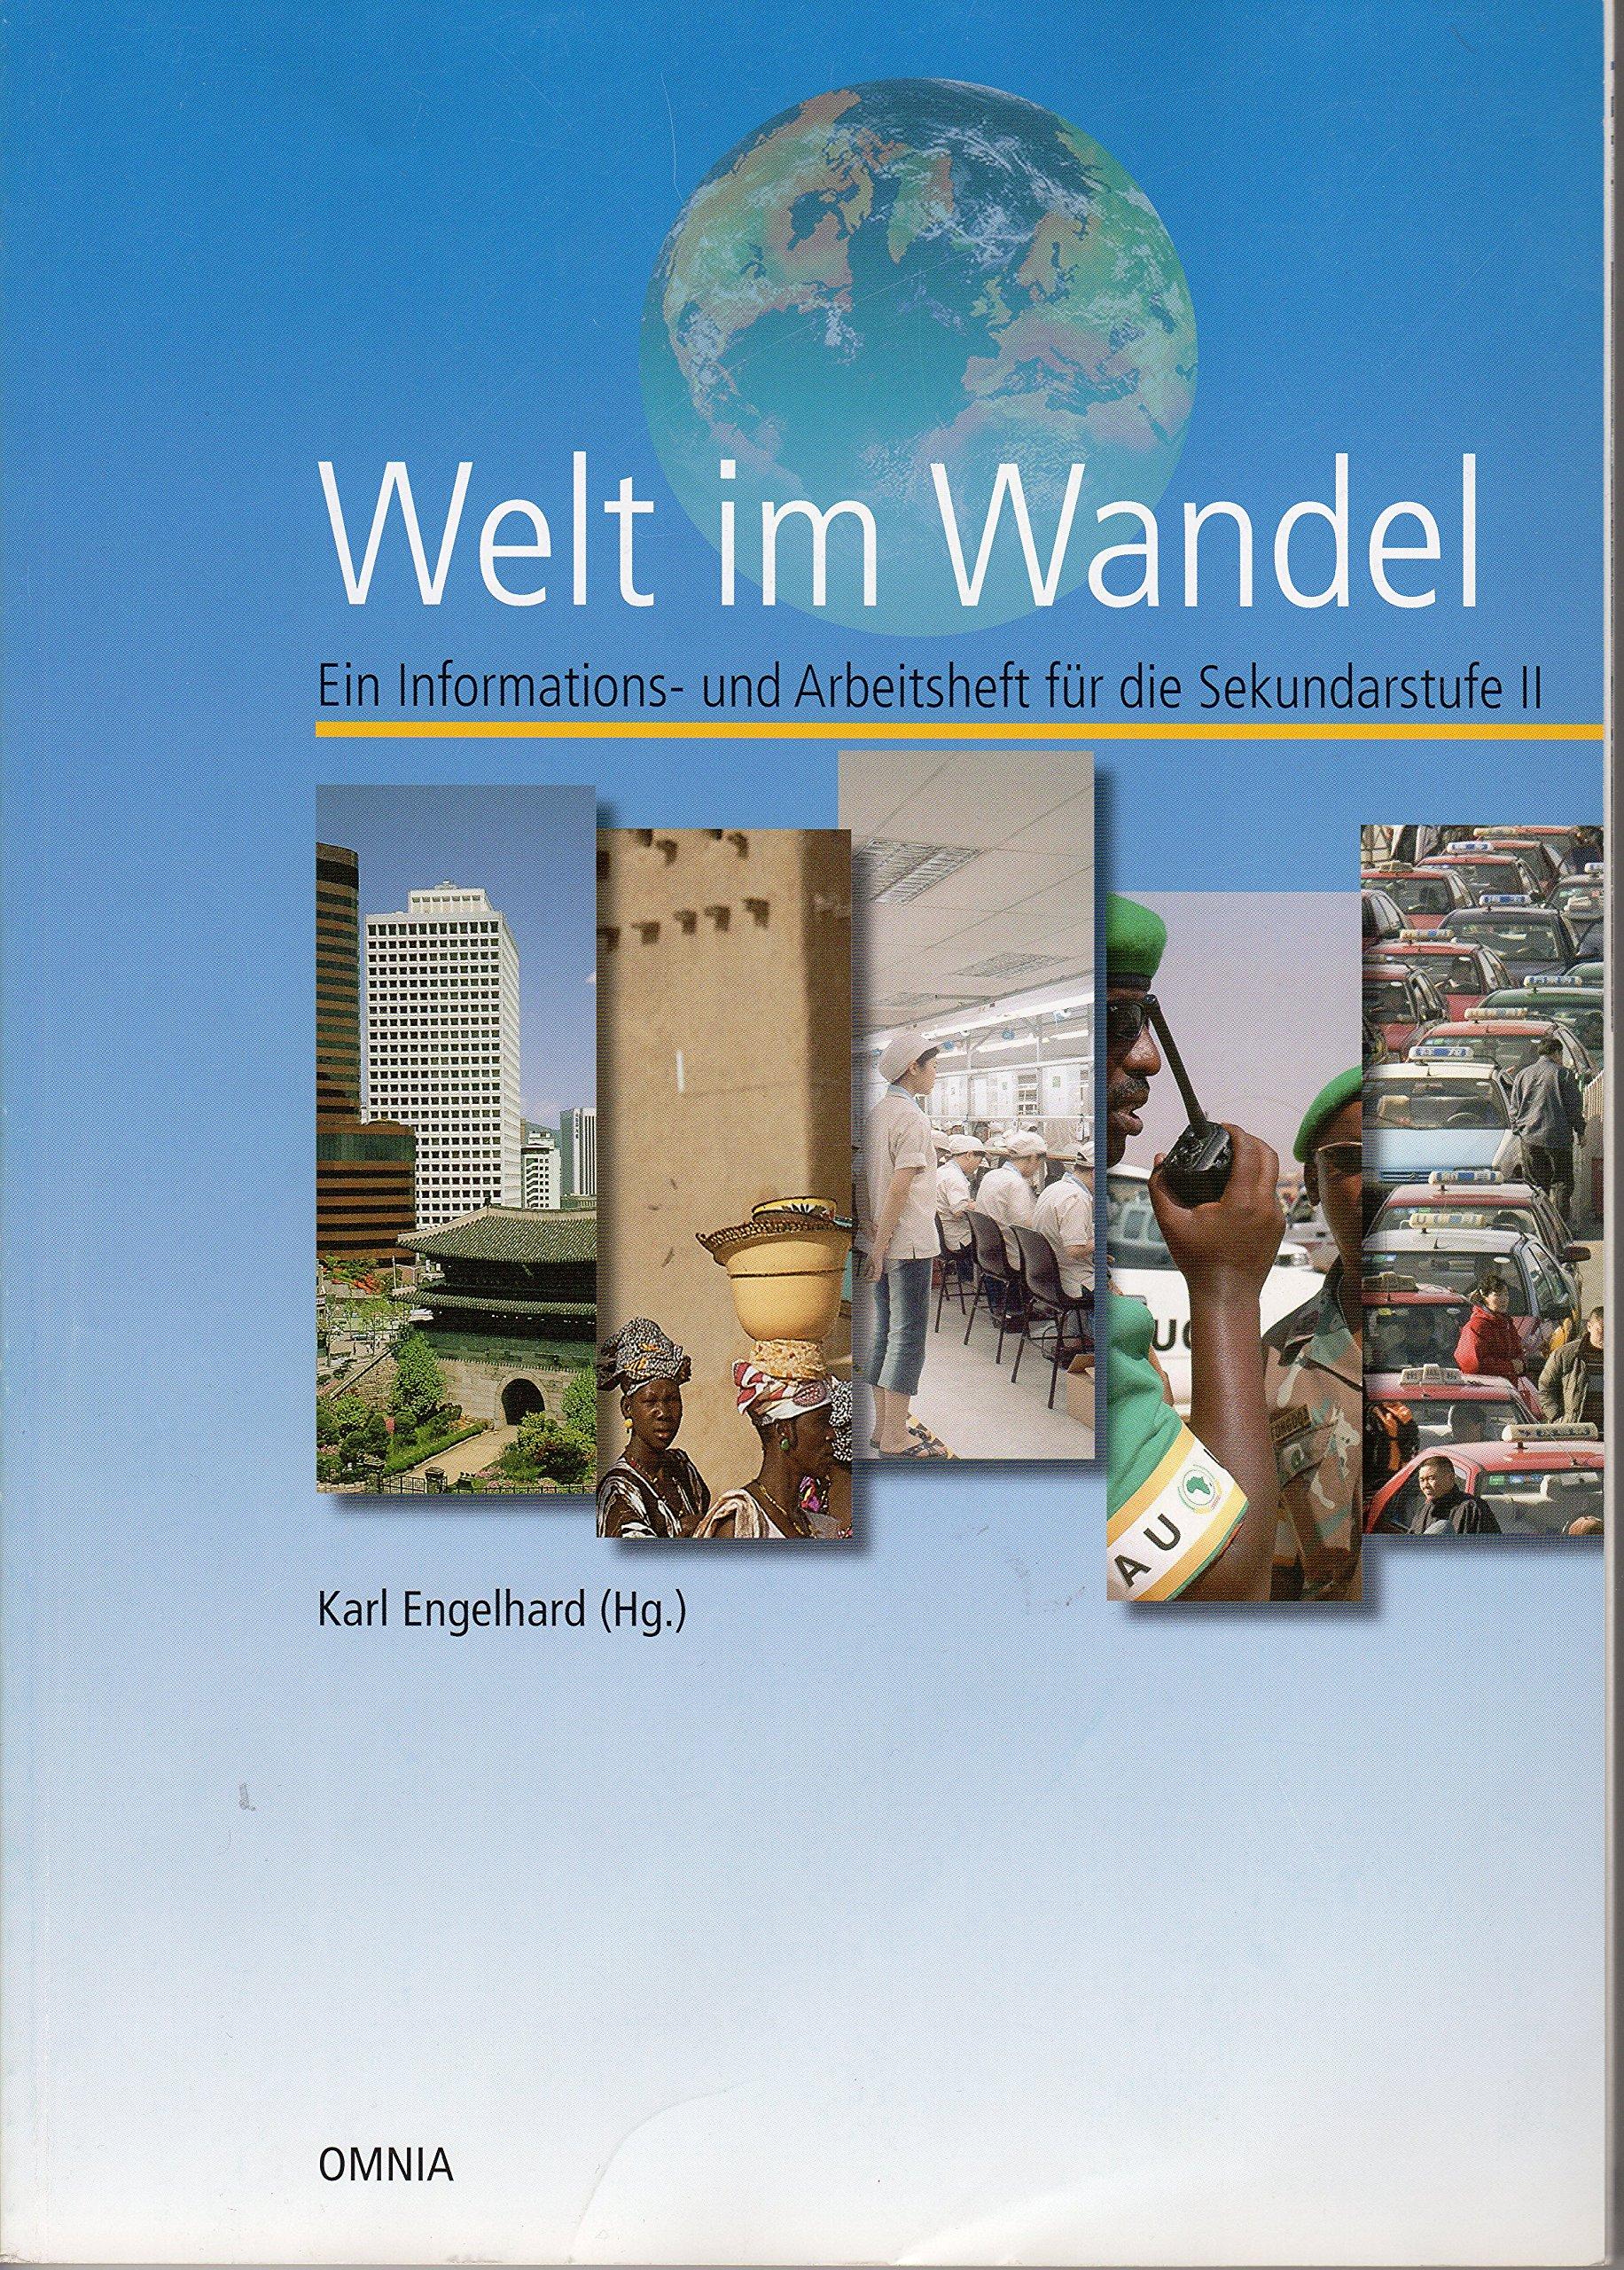 Welt im Wandel: Ein Informations- und Arbeitsheft für die Sekundarstufe II Taschenbuch – 1. Dezember 2007 Karl Engelhard Hans J Albers Ingo Juchler Karl H Otto